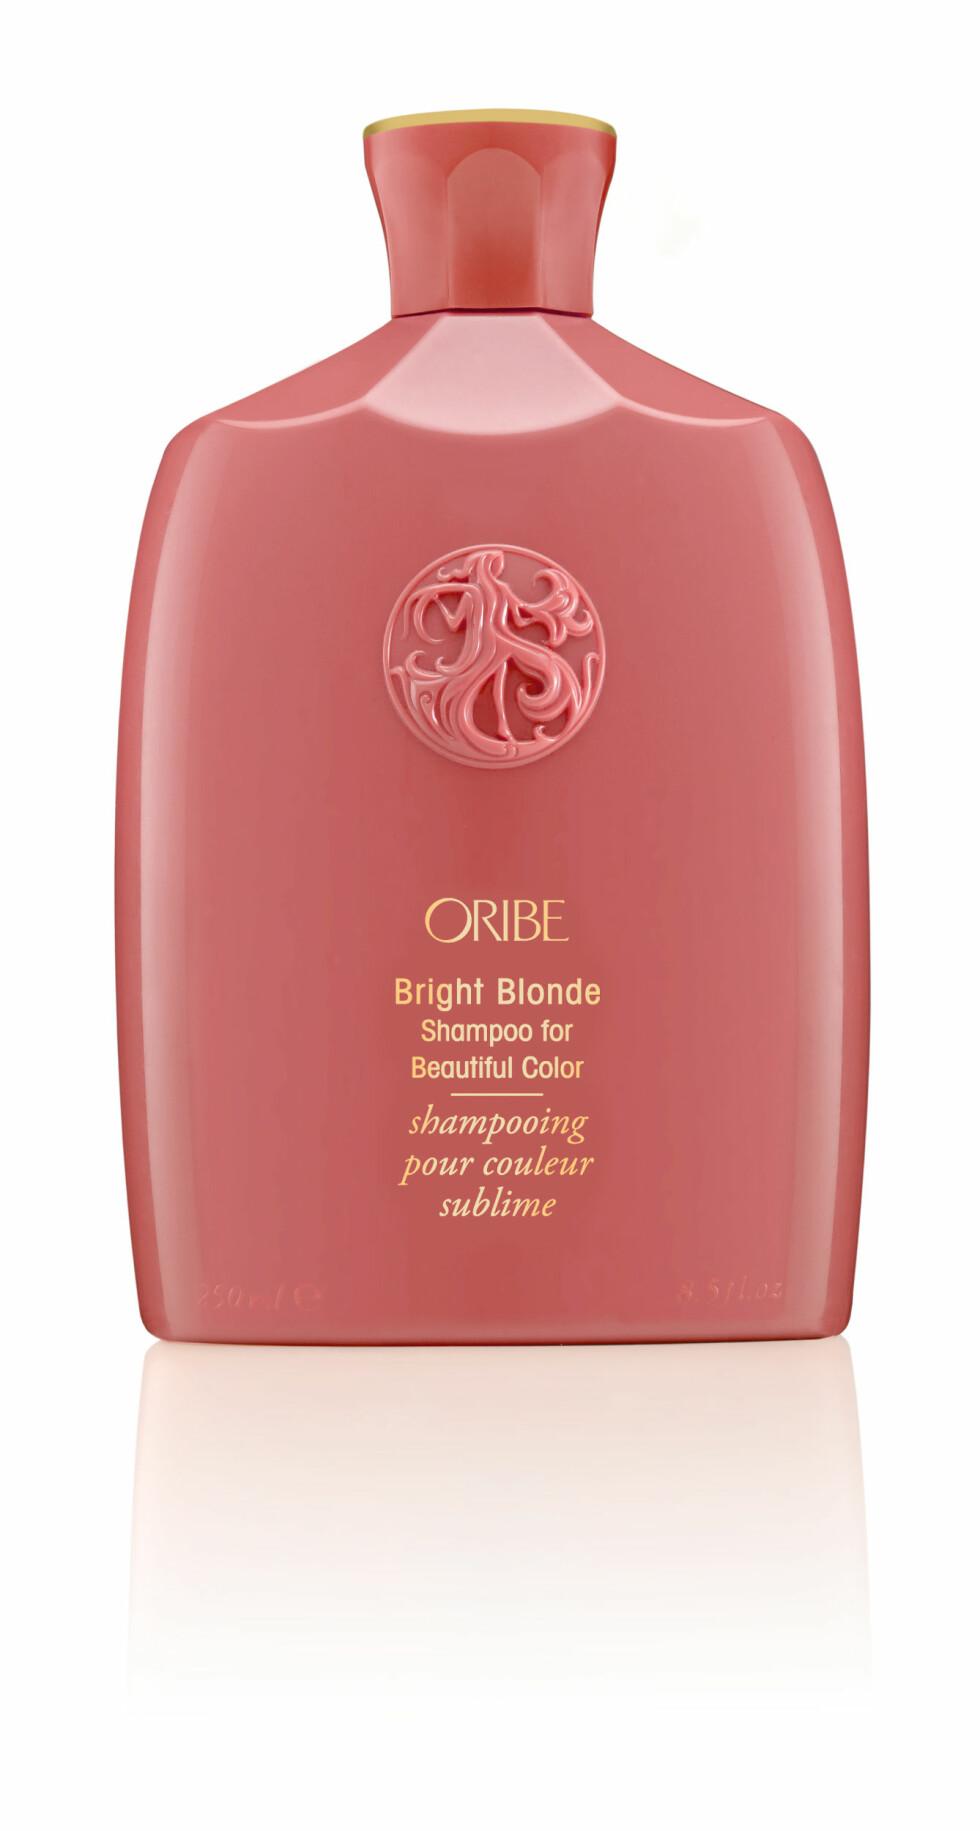 Bright Blonde Shampoo fra Oribe, kr 395. Foto: Produsenten